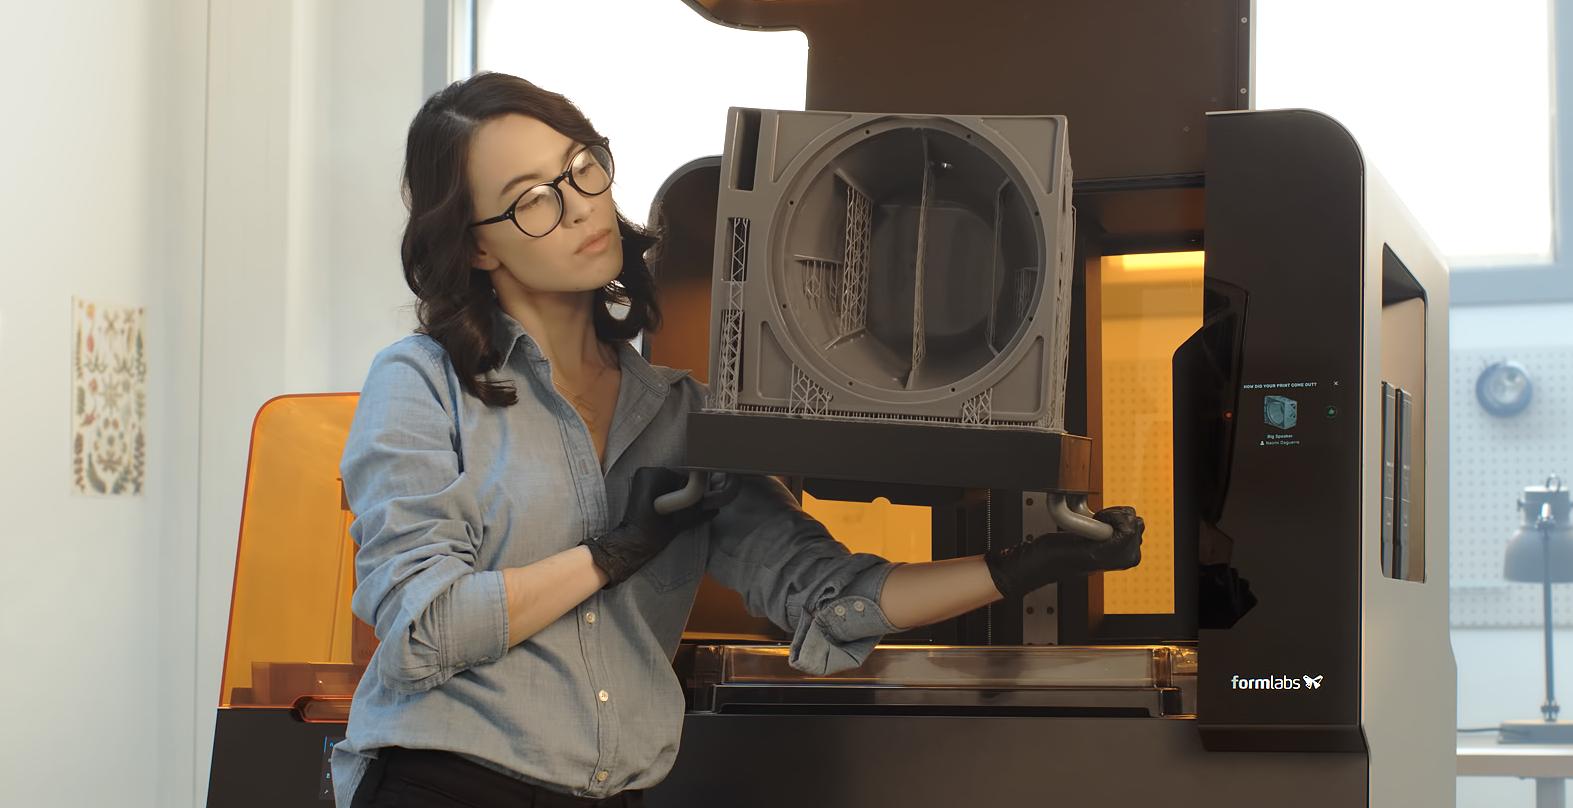 large resin 3D printers